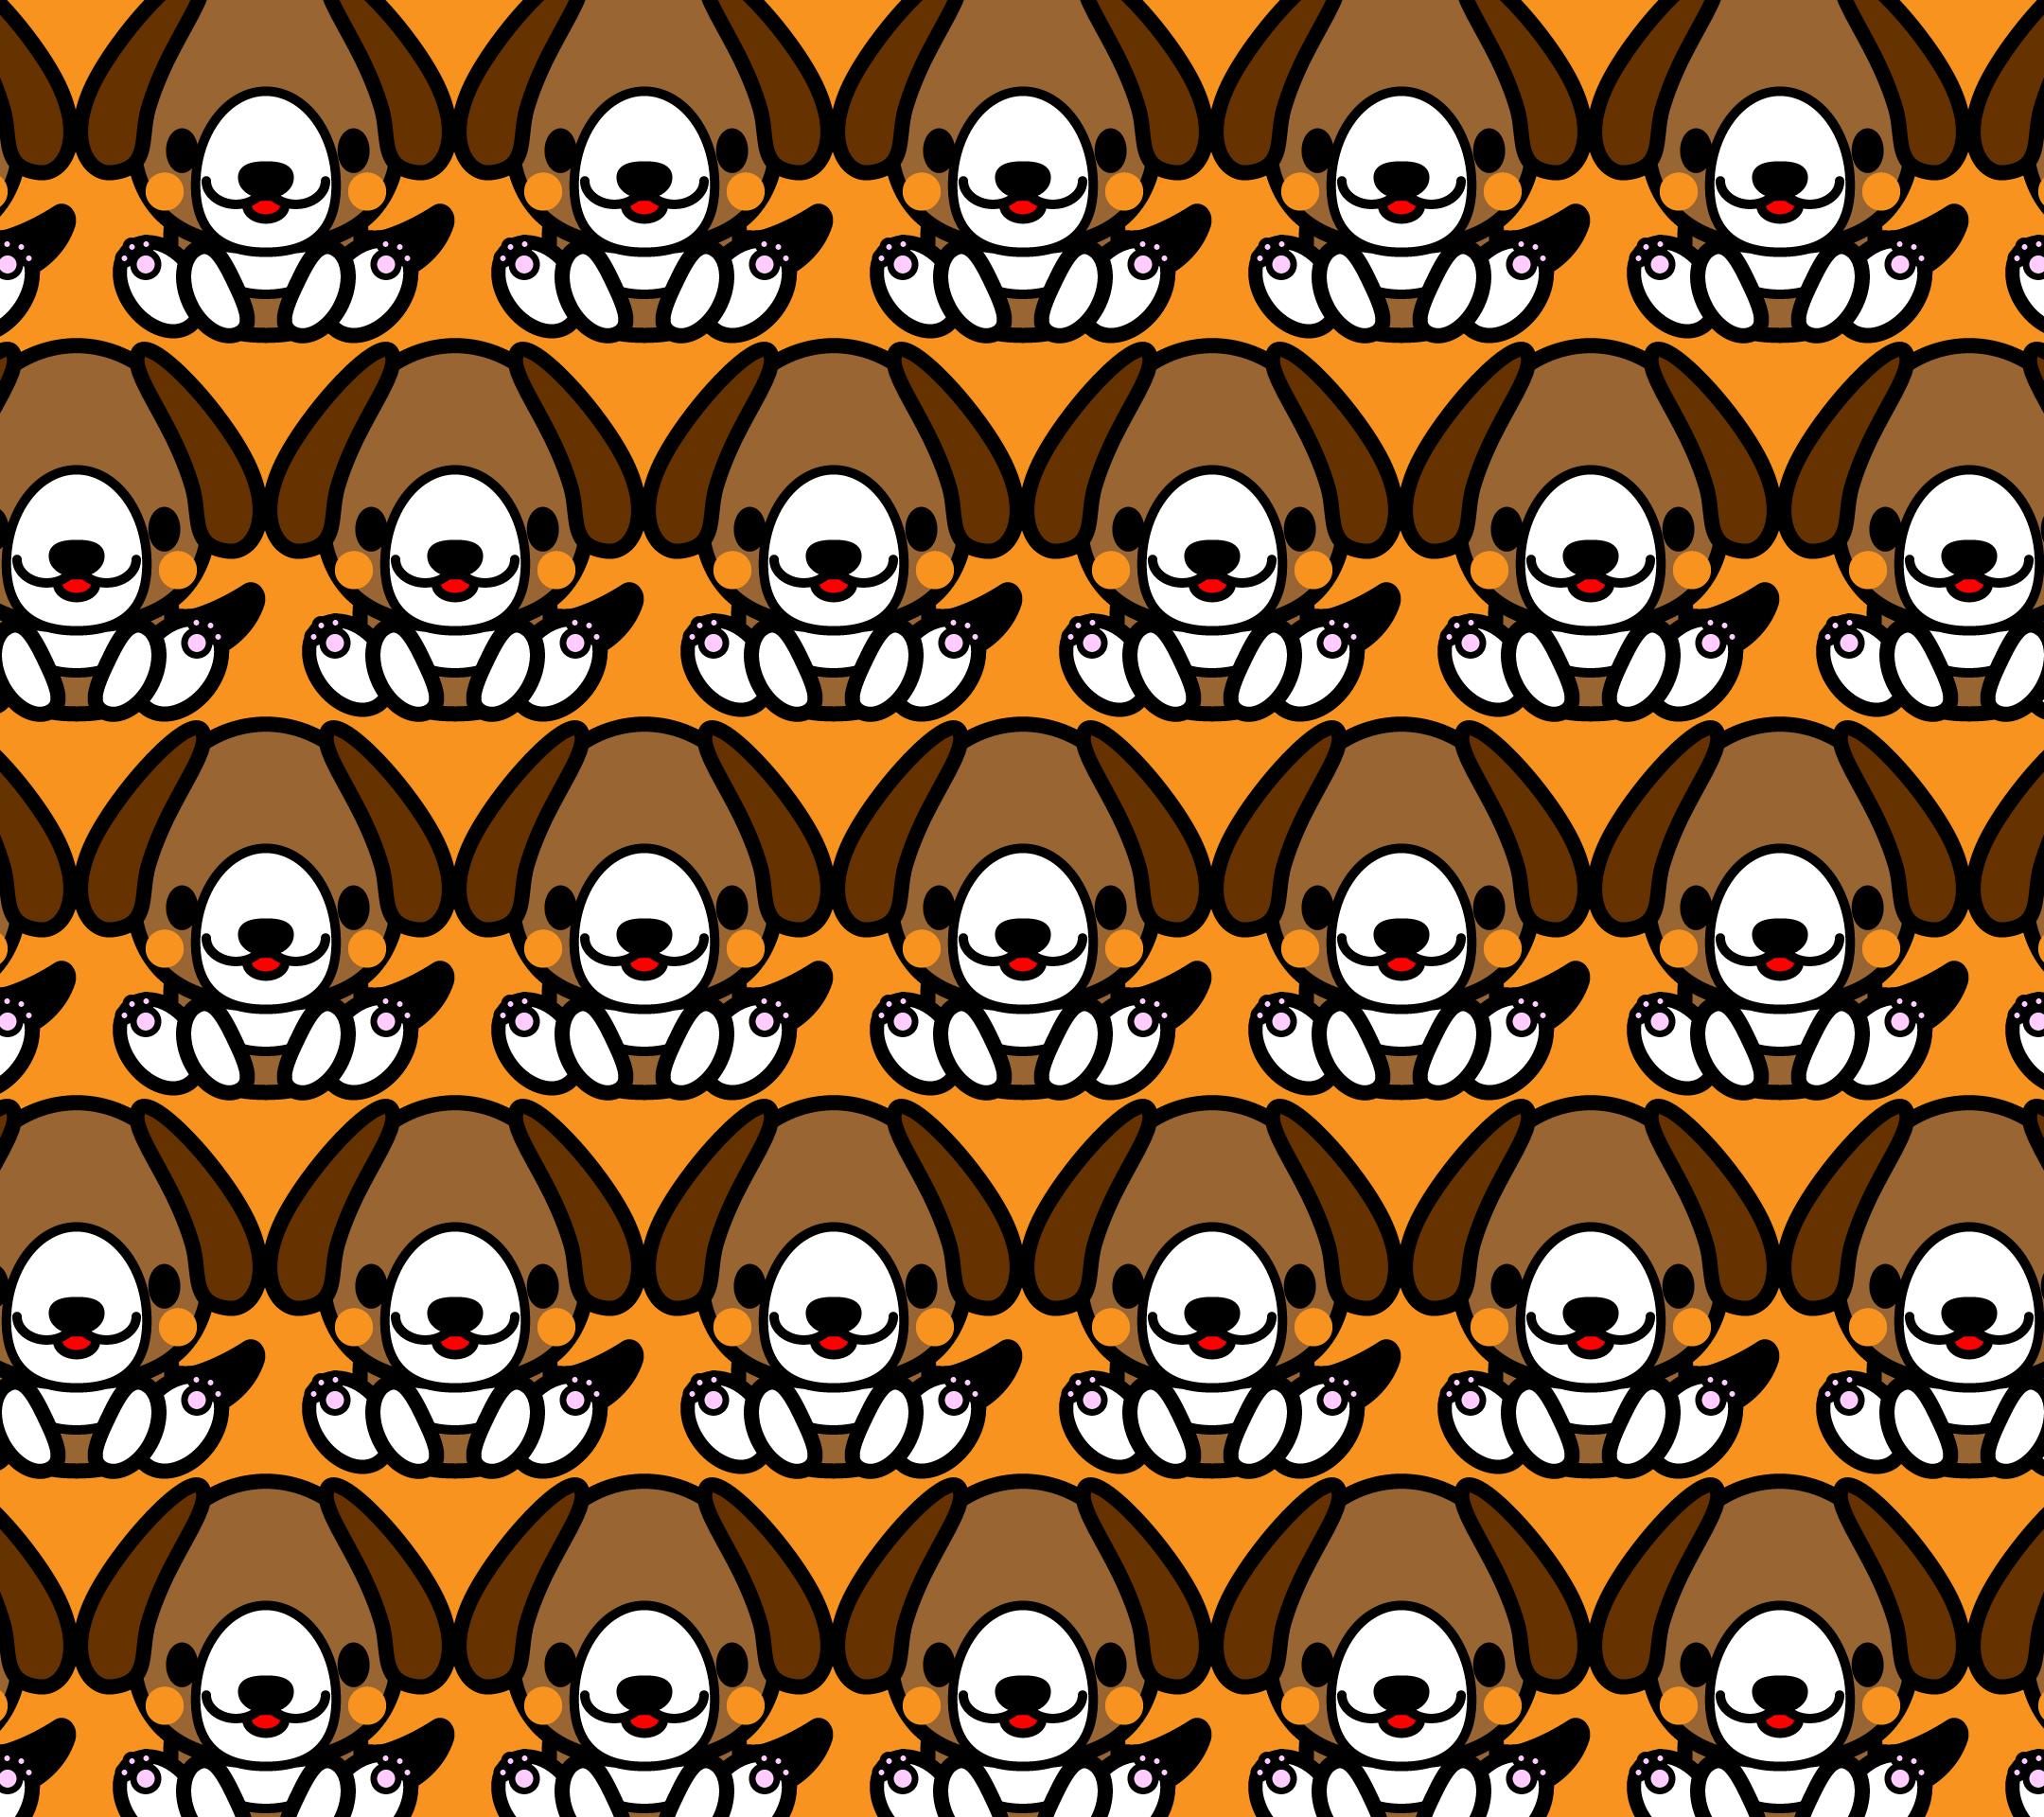 かわいい座りビーグル犬づくし壁紙(Android)の無料イラスト・商用フリー